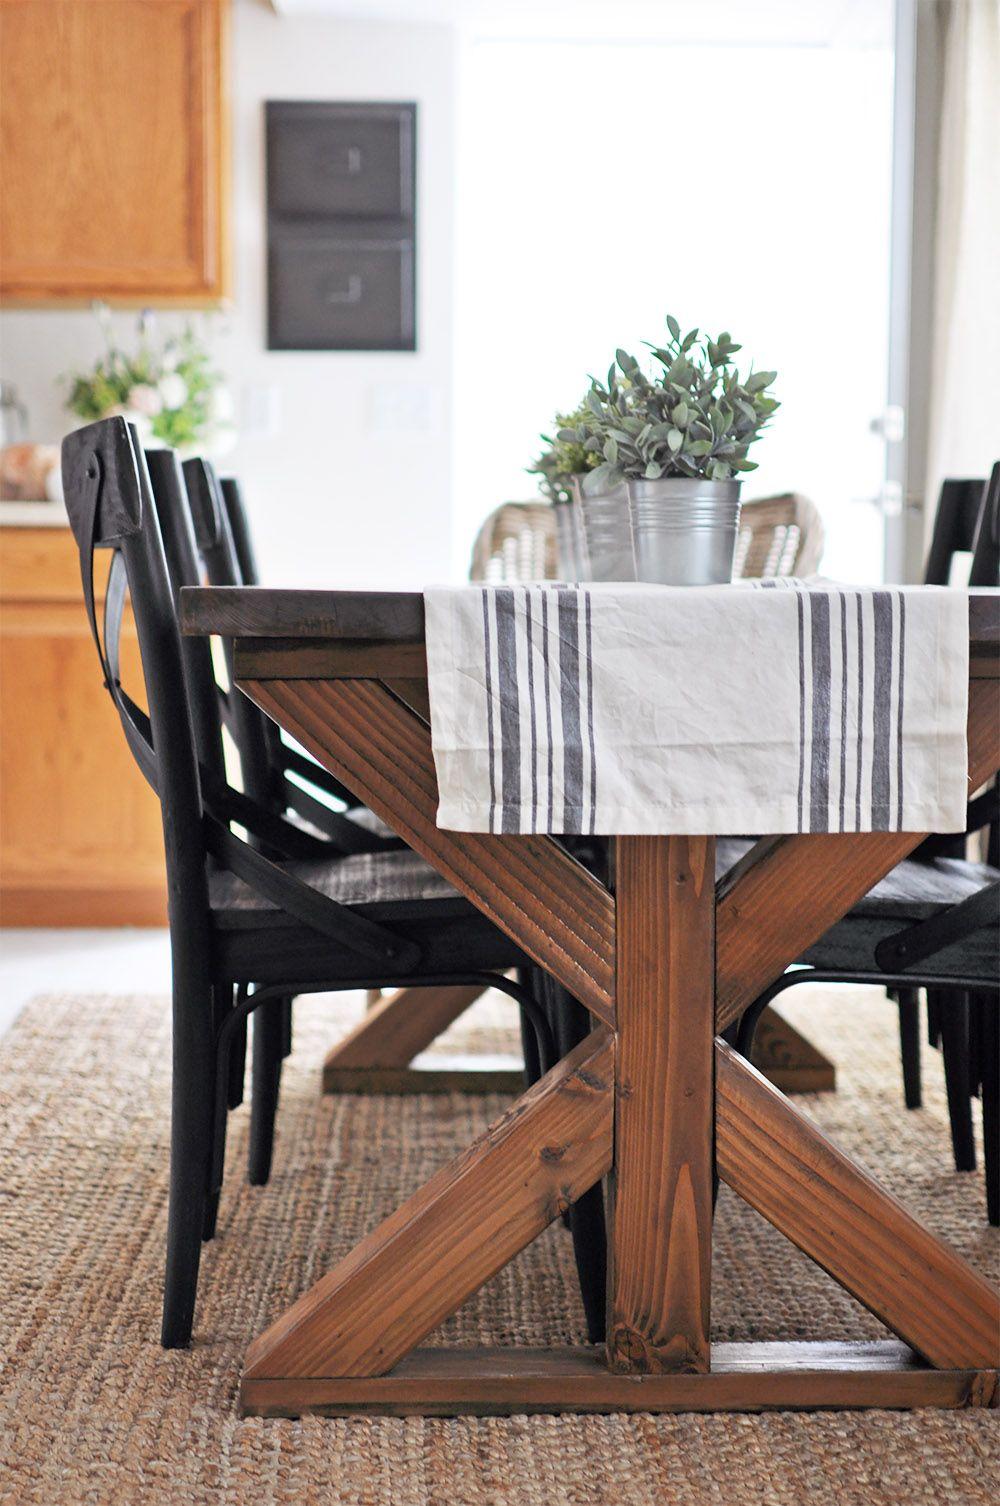 X Brace Farmhouse Table Farmhouse table plans, Farmhouse